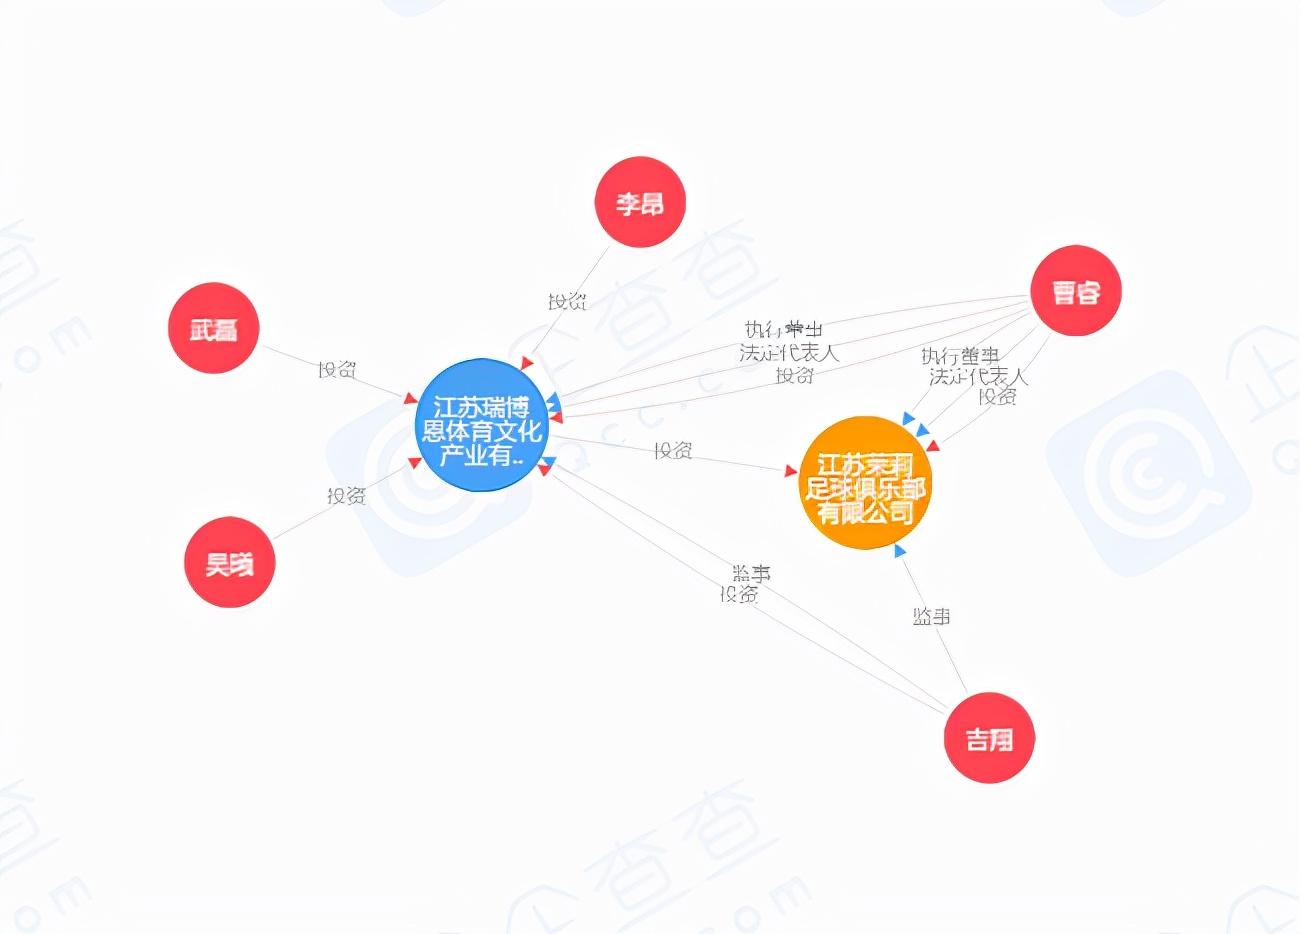 江苏队重生?前助教携4国脚建俱乐部,武磊吴曦盼为江苏足球出力